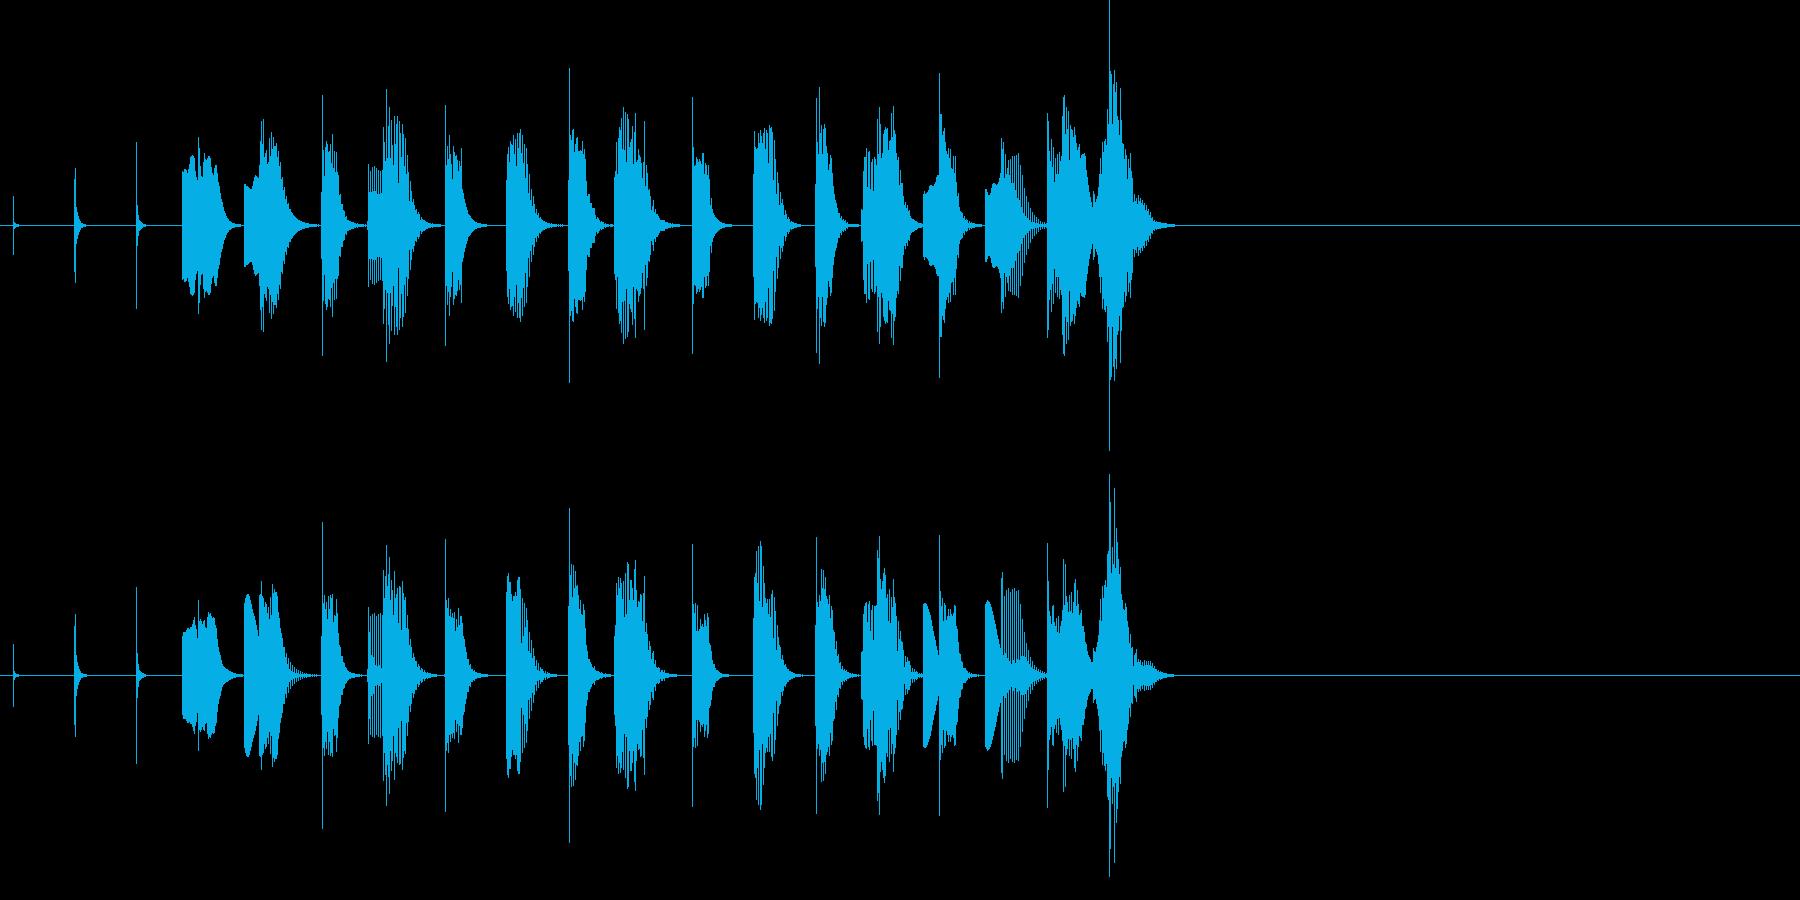 休憩 ほのぼの 動物 子供 場面転換の再生済みの波形